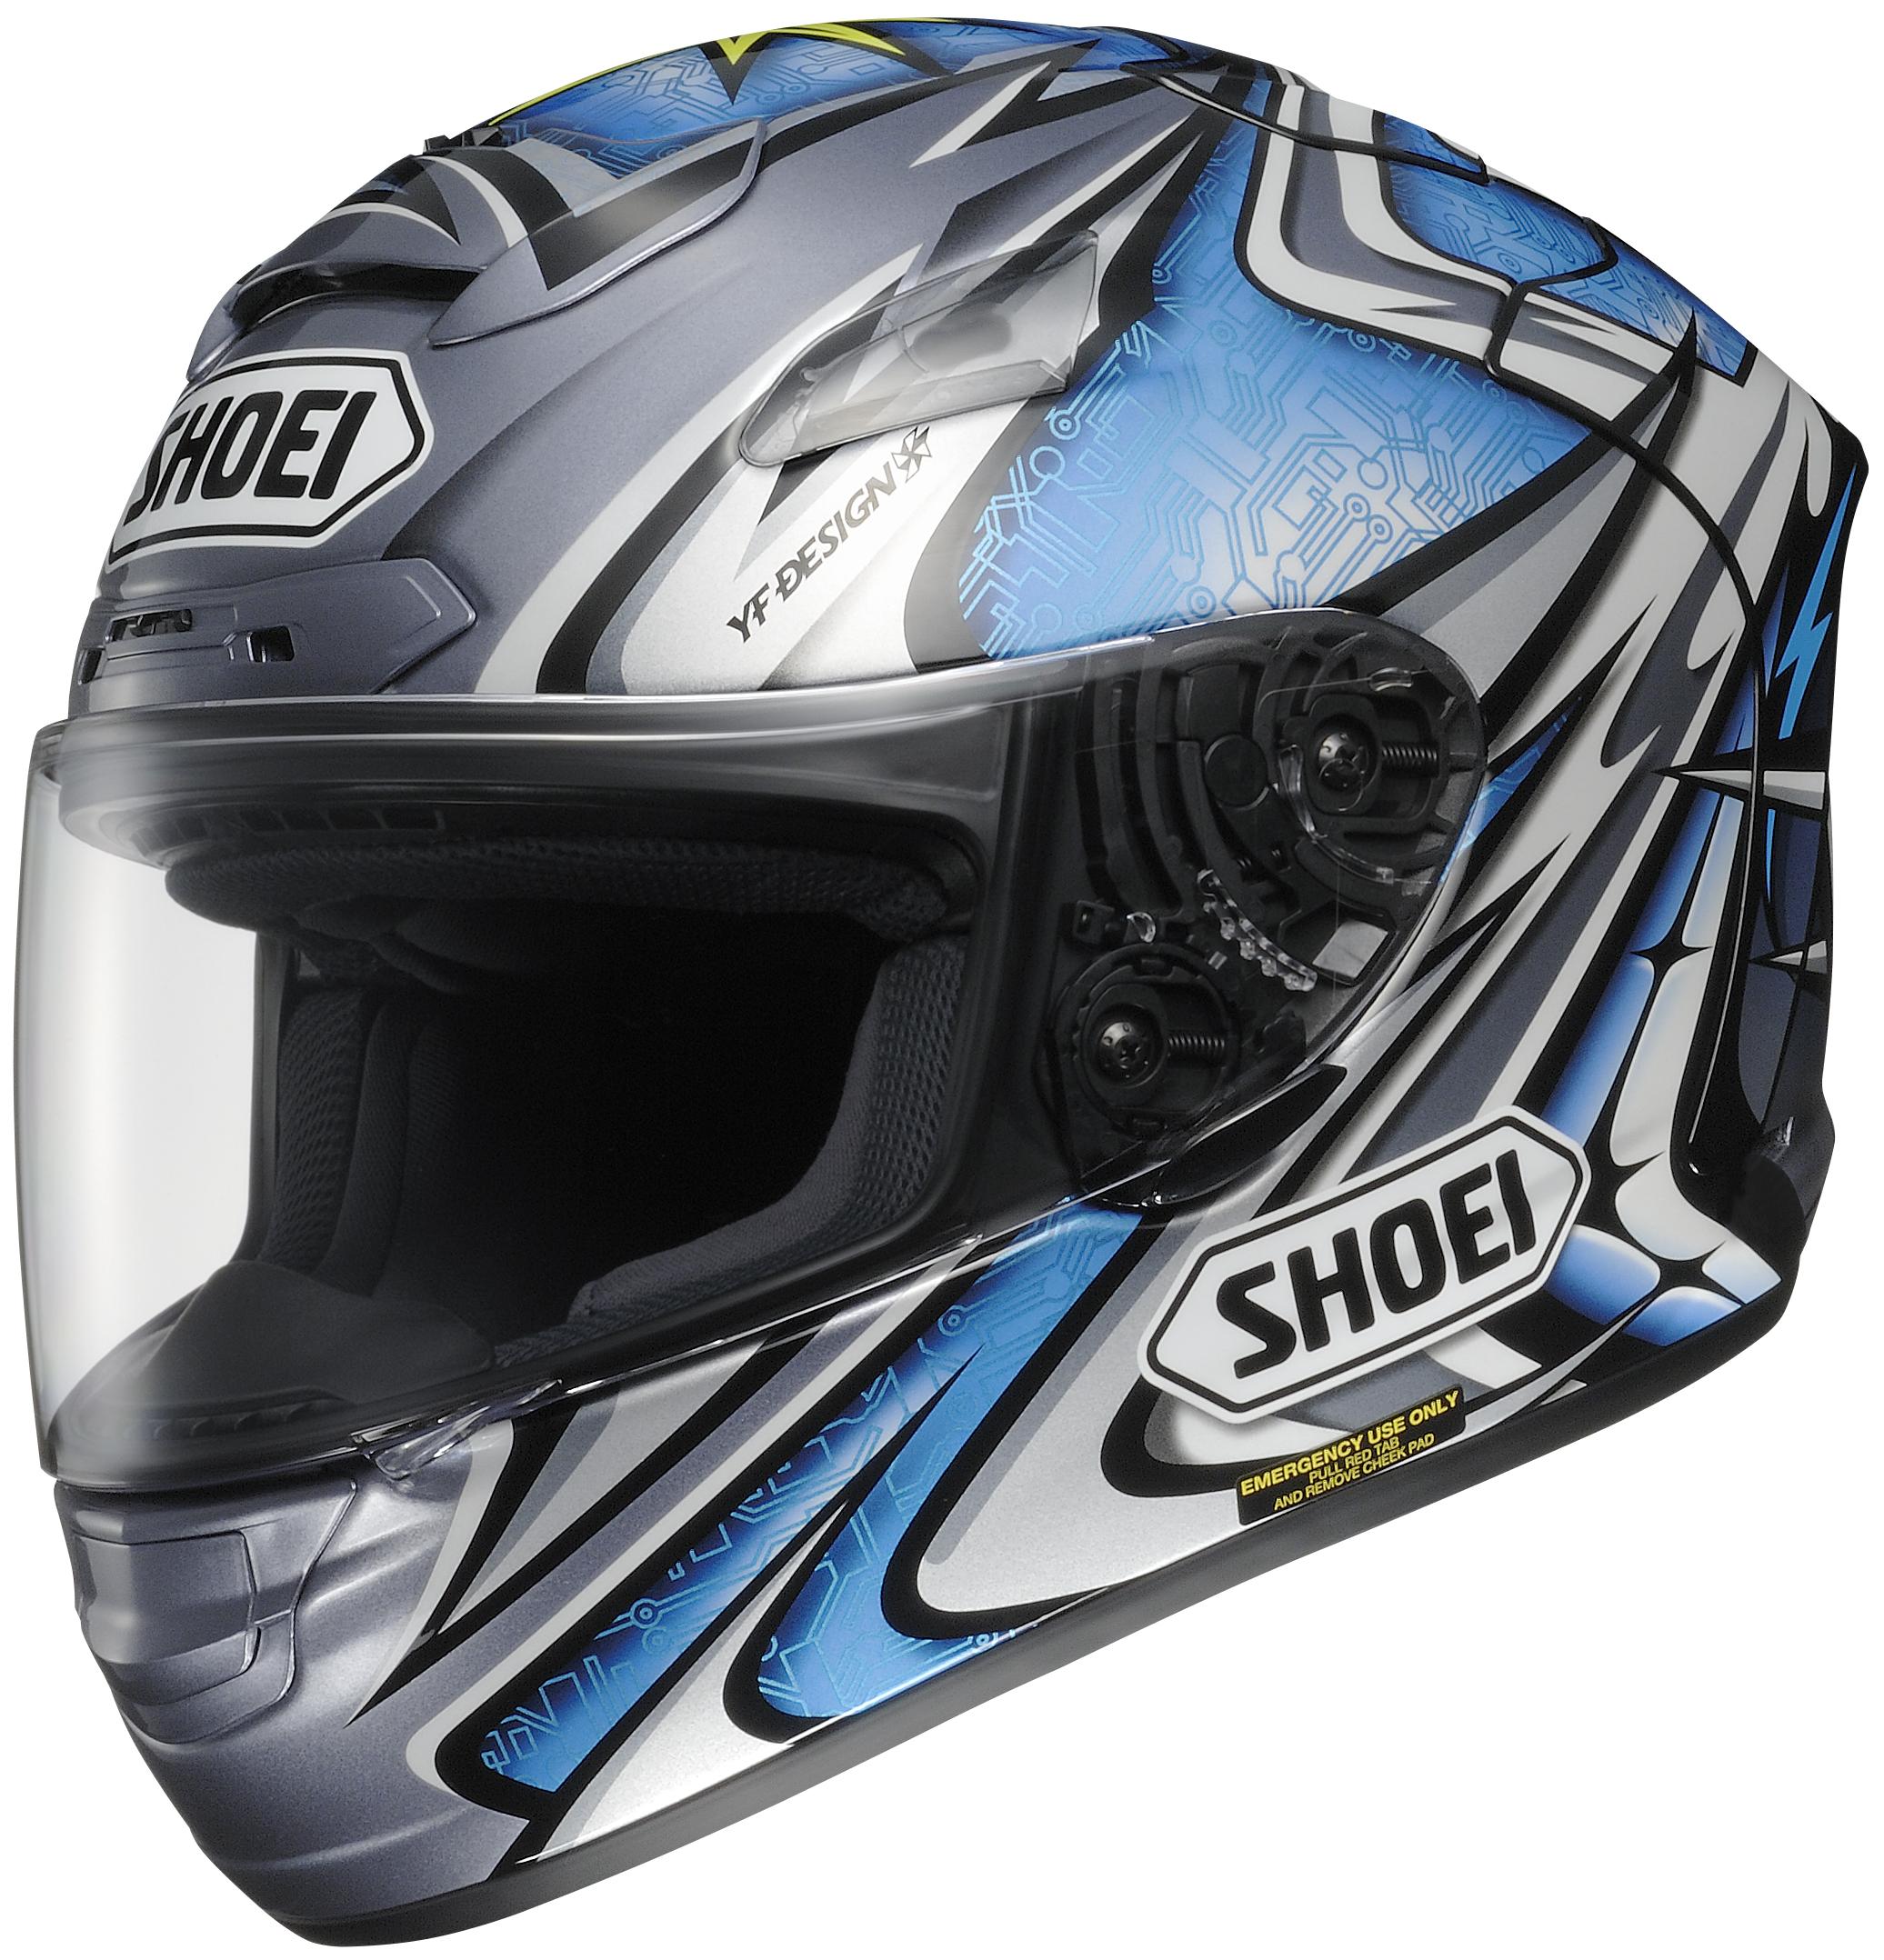 X-12 Daijiro Kato Memorial Helmet